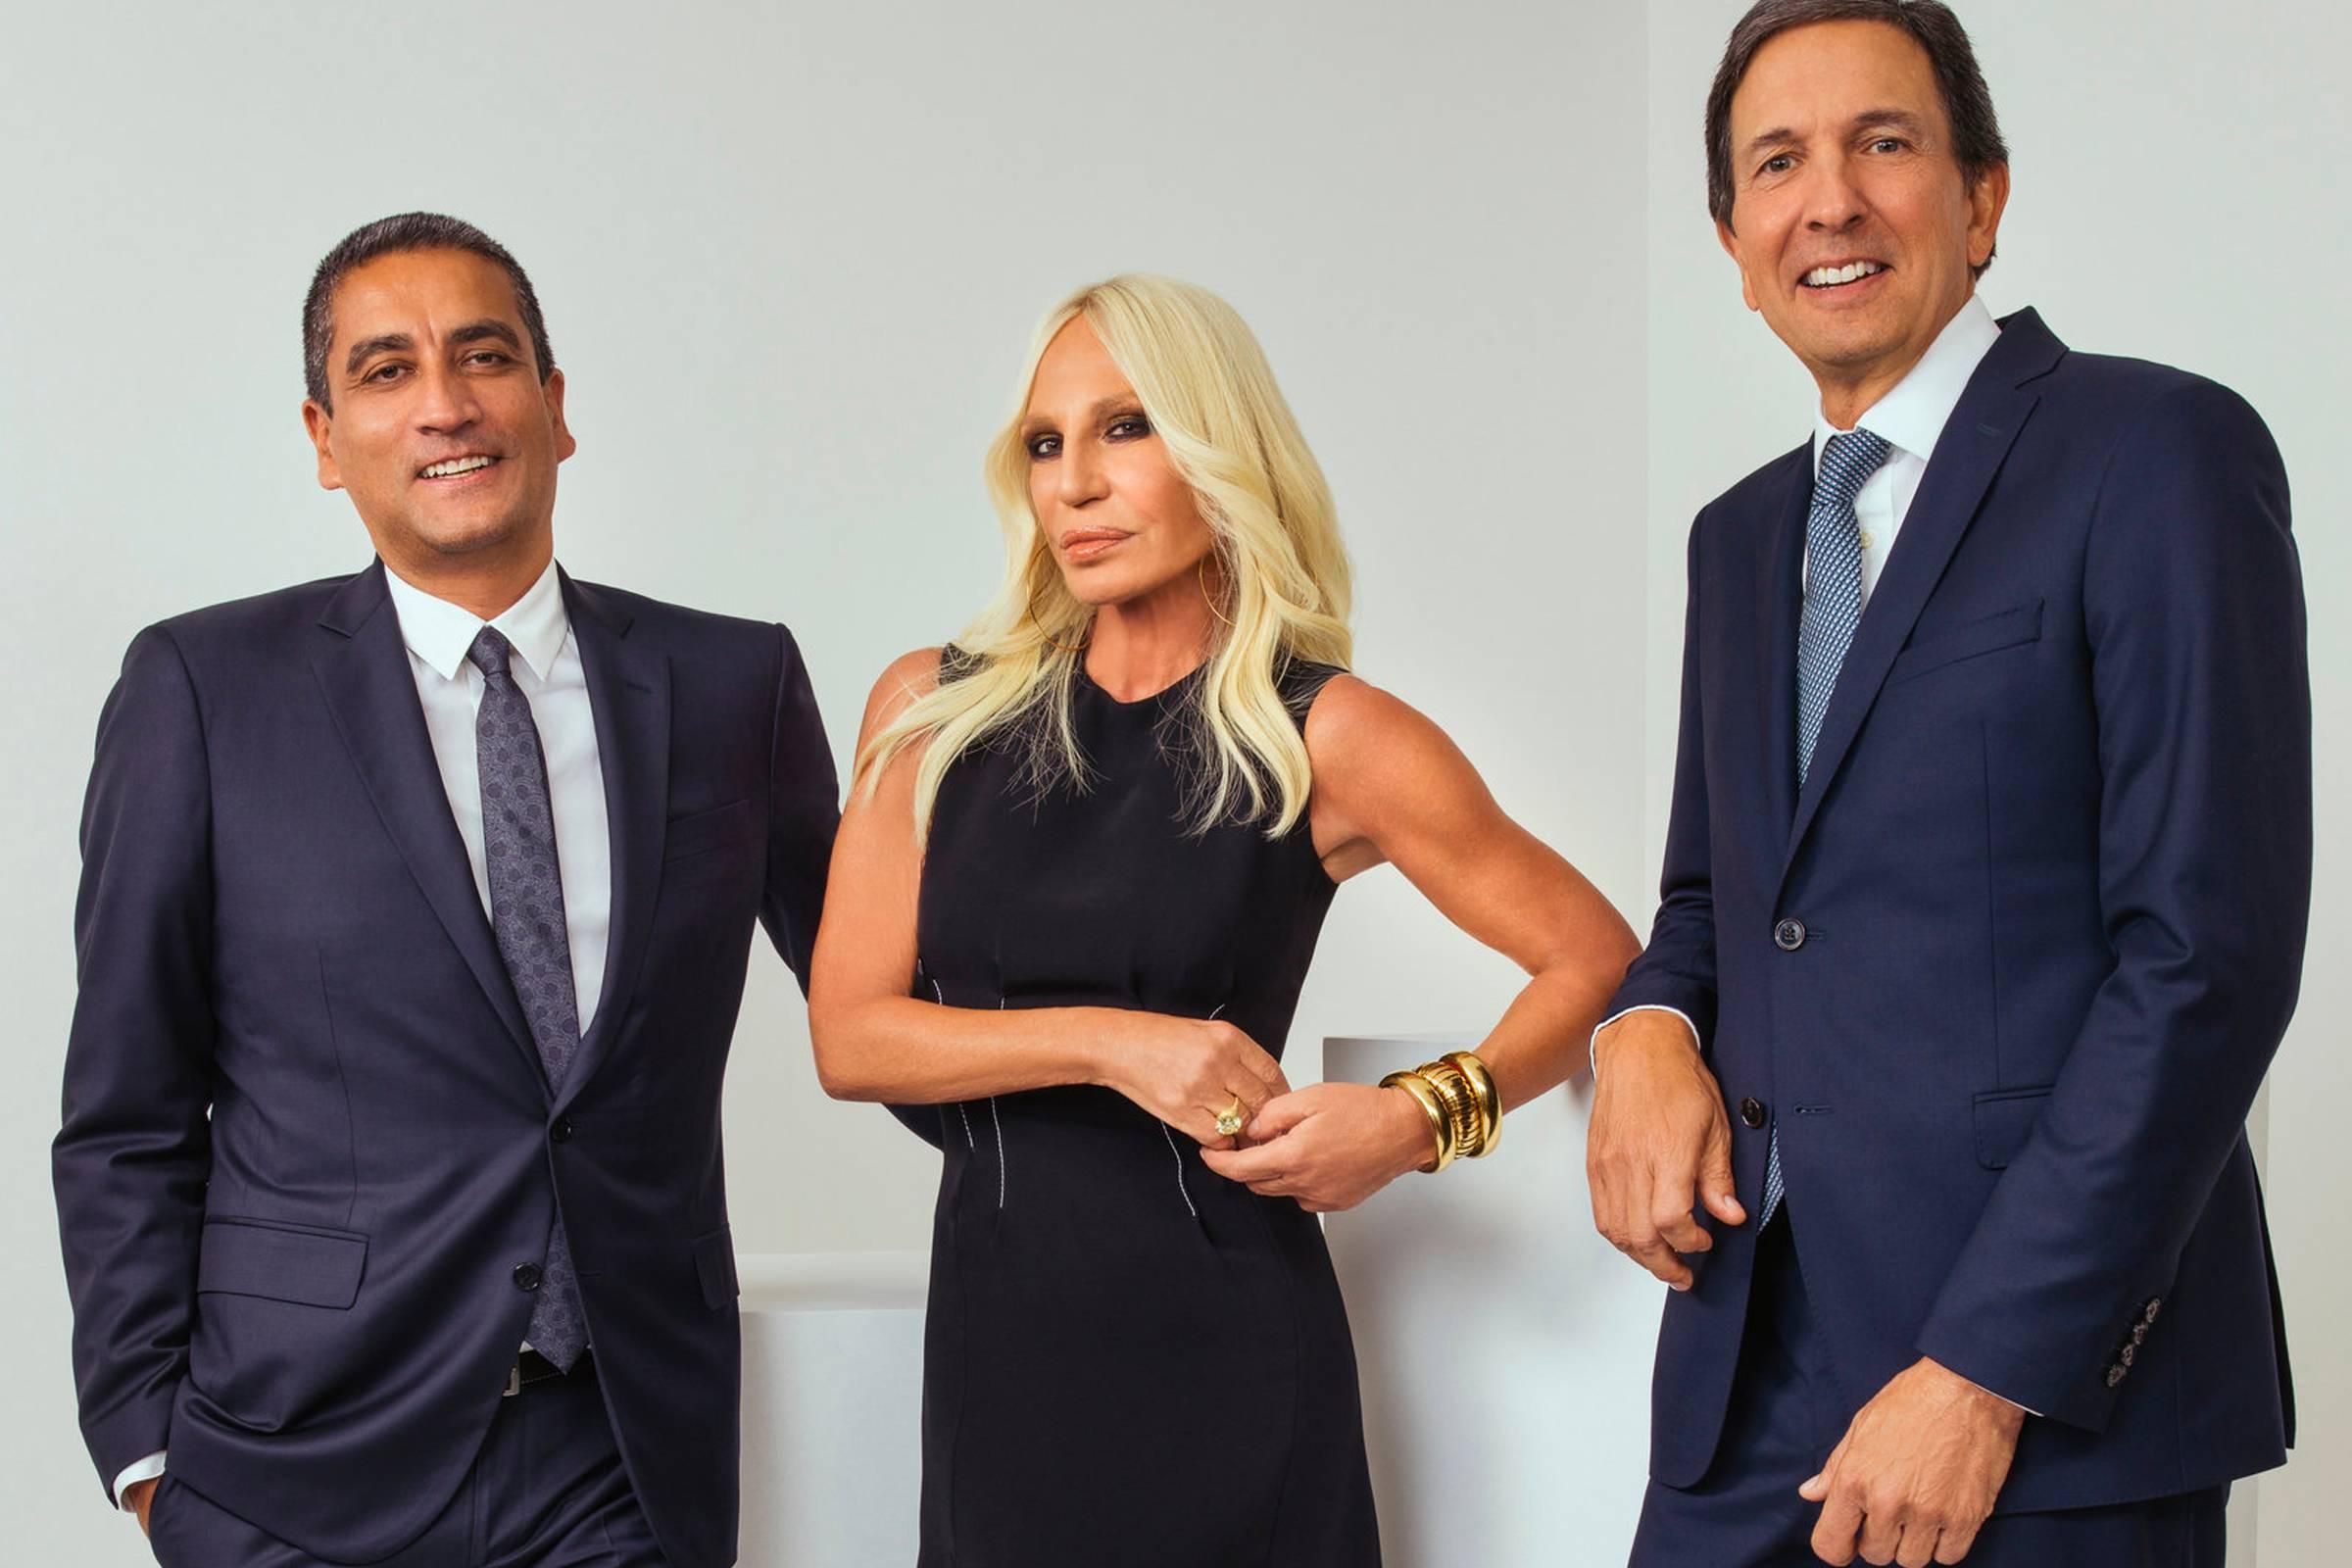 Versace Sold to Michael Kors' Capri Holdings for $2.12 Billion